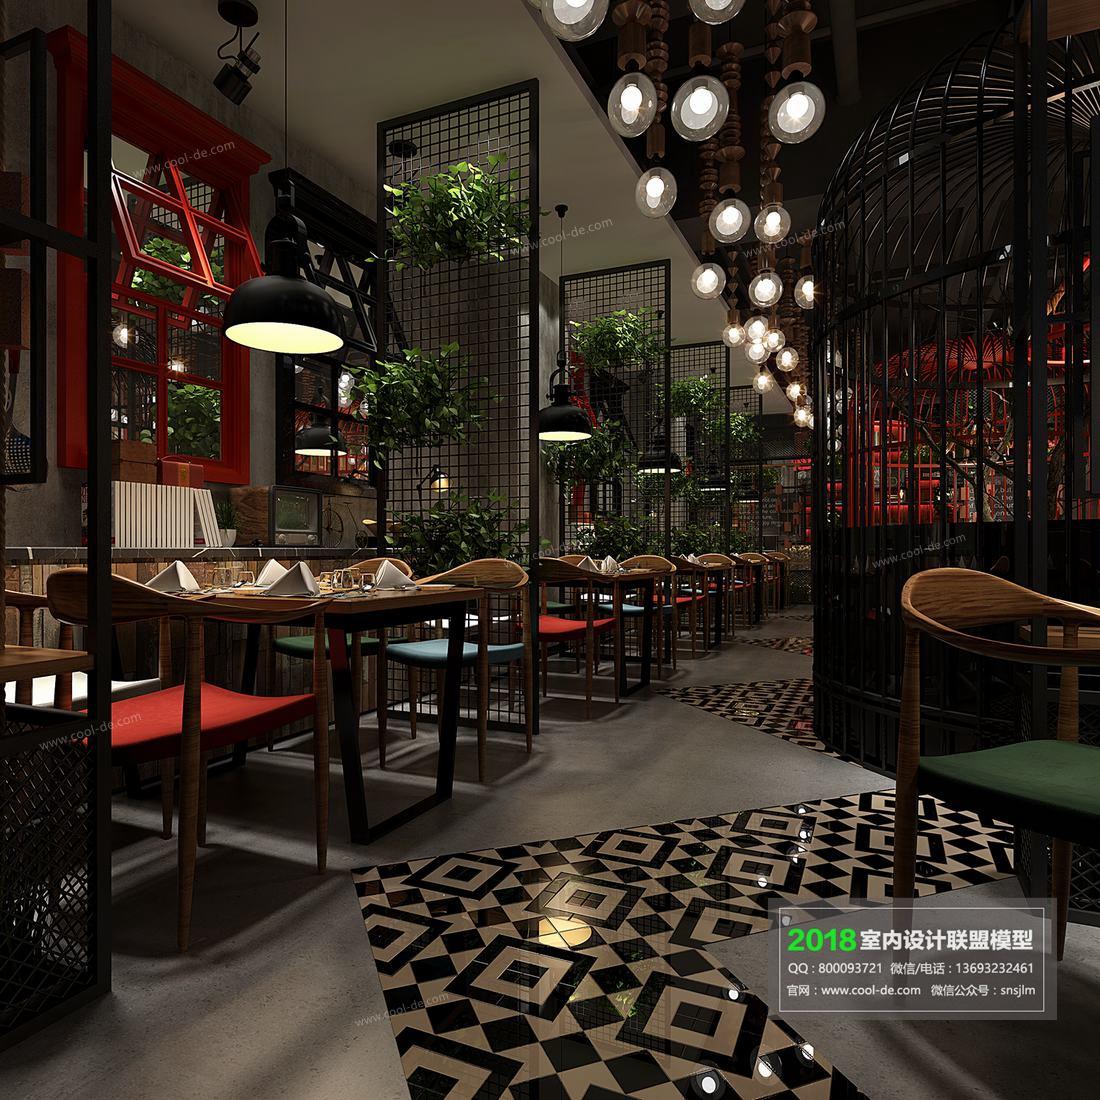 140 4 - مجموعه صحنه آماده رستوران 2018 - 3dsmax, vray